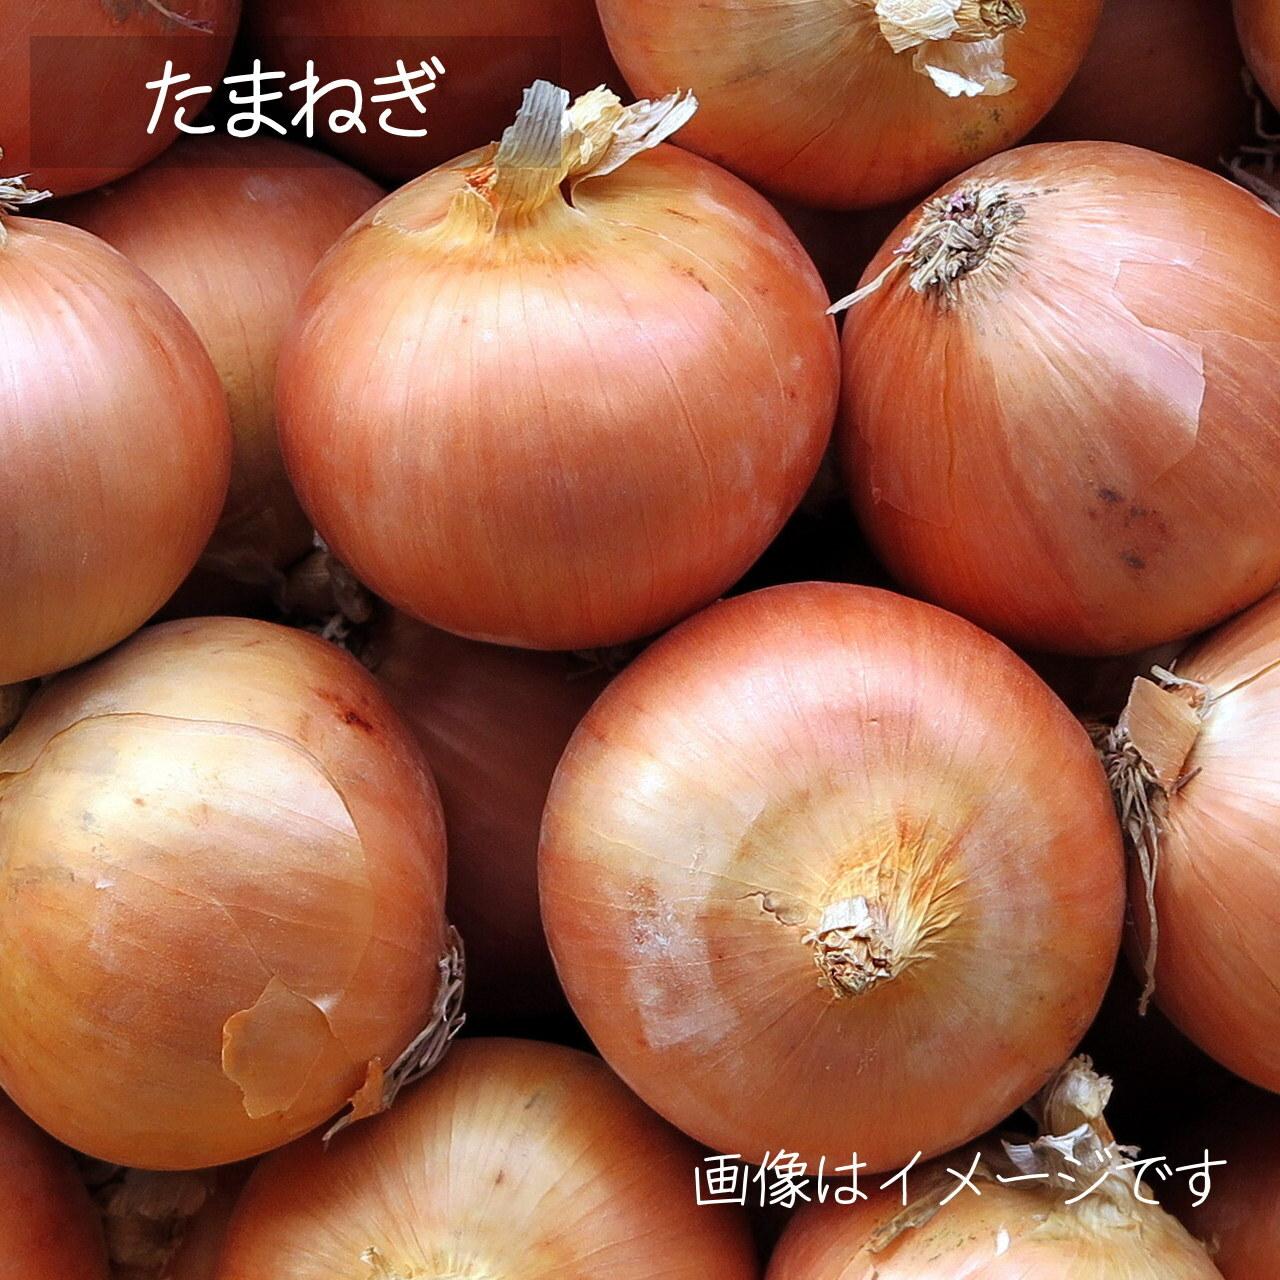 5月の朝採り直売野菜:たまねぎ 4~5個 春の新鮮野菜 5月16日発送予定